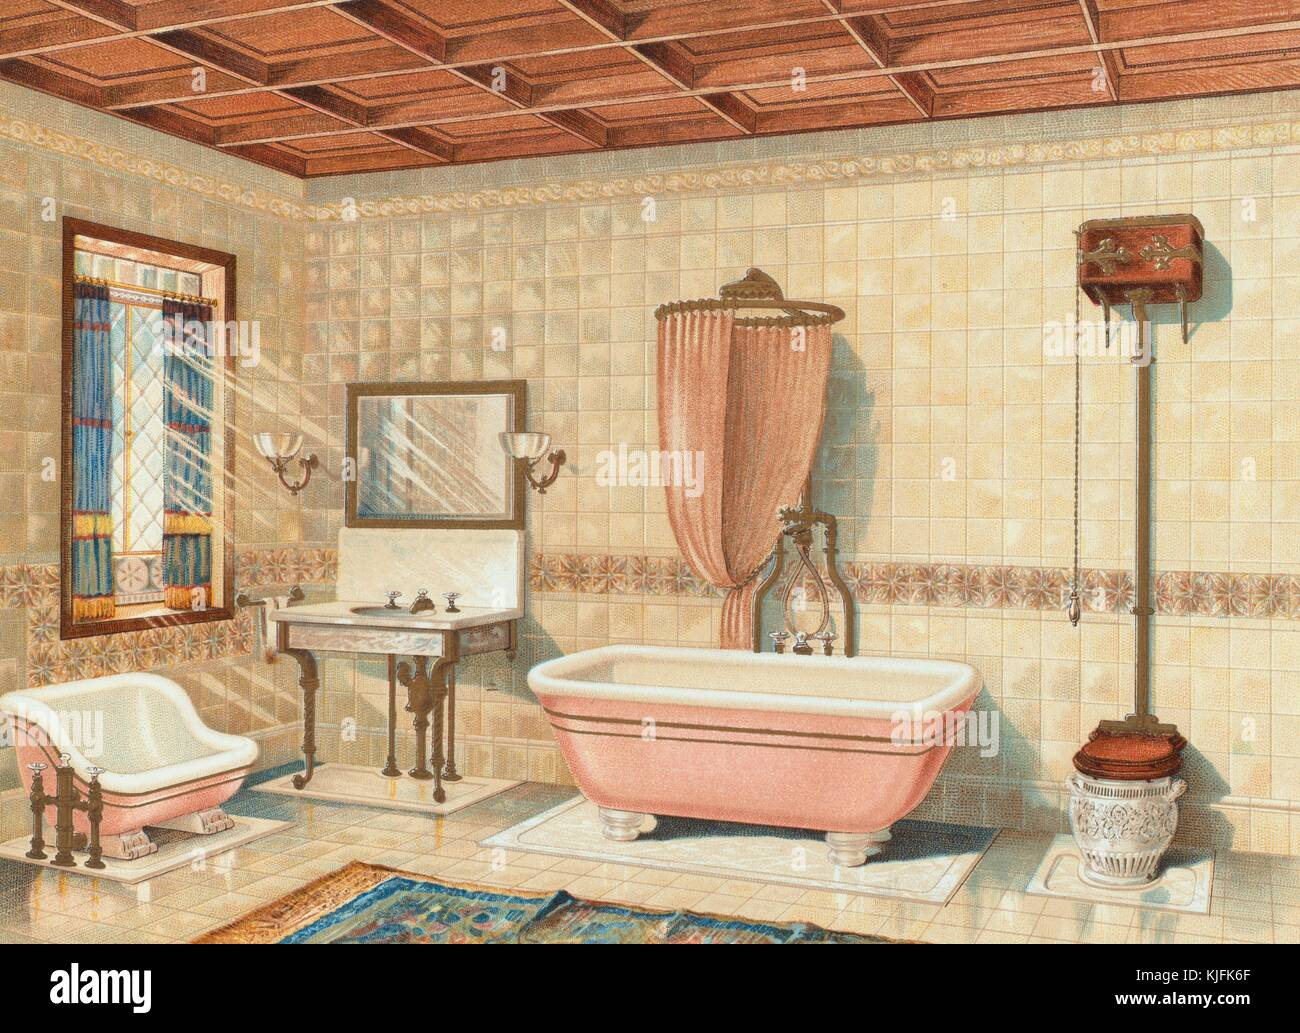 Eine Abbildung von Mott Bügeleisen 1884 Katalog Werke, das ...